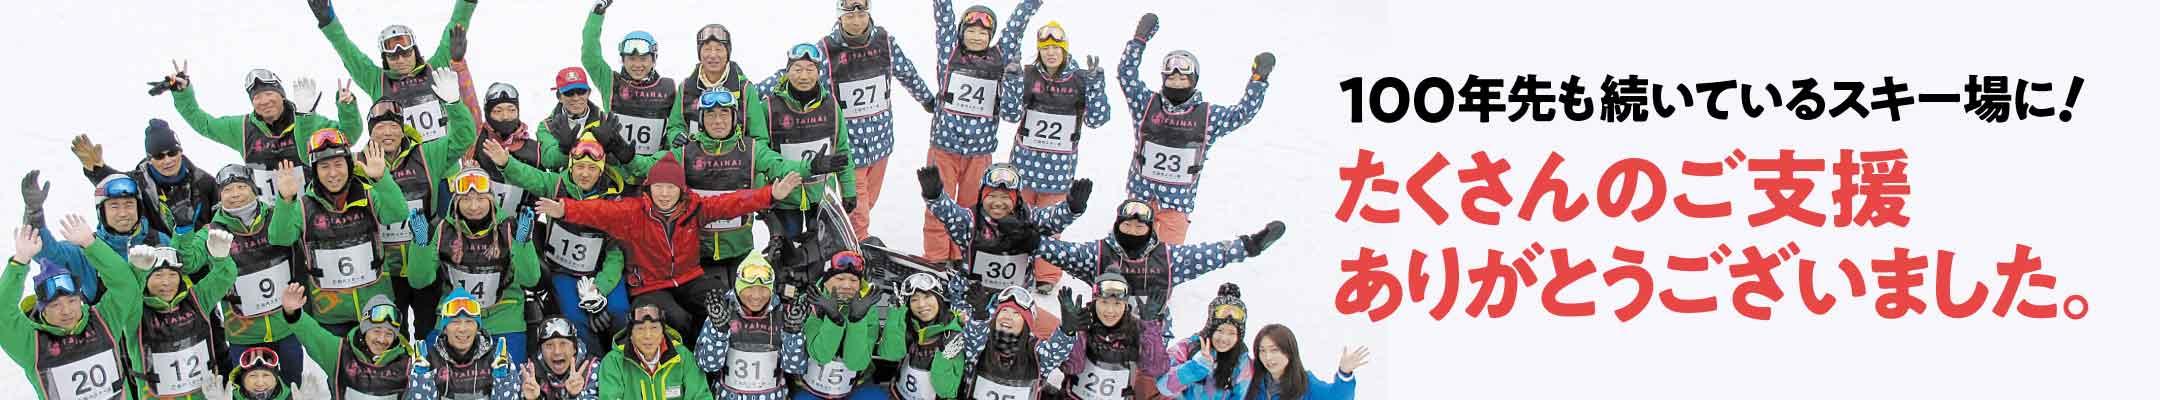 胎内スキー場へのたくさんのご支援ありがとうございました。